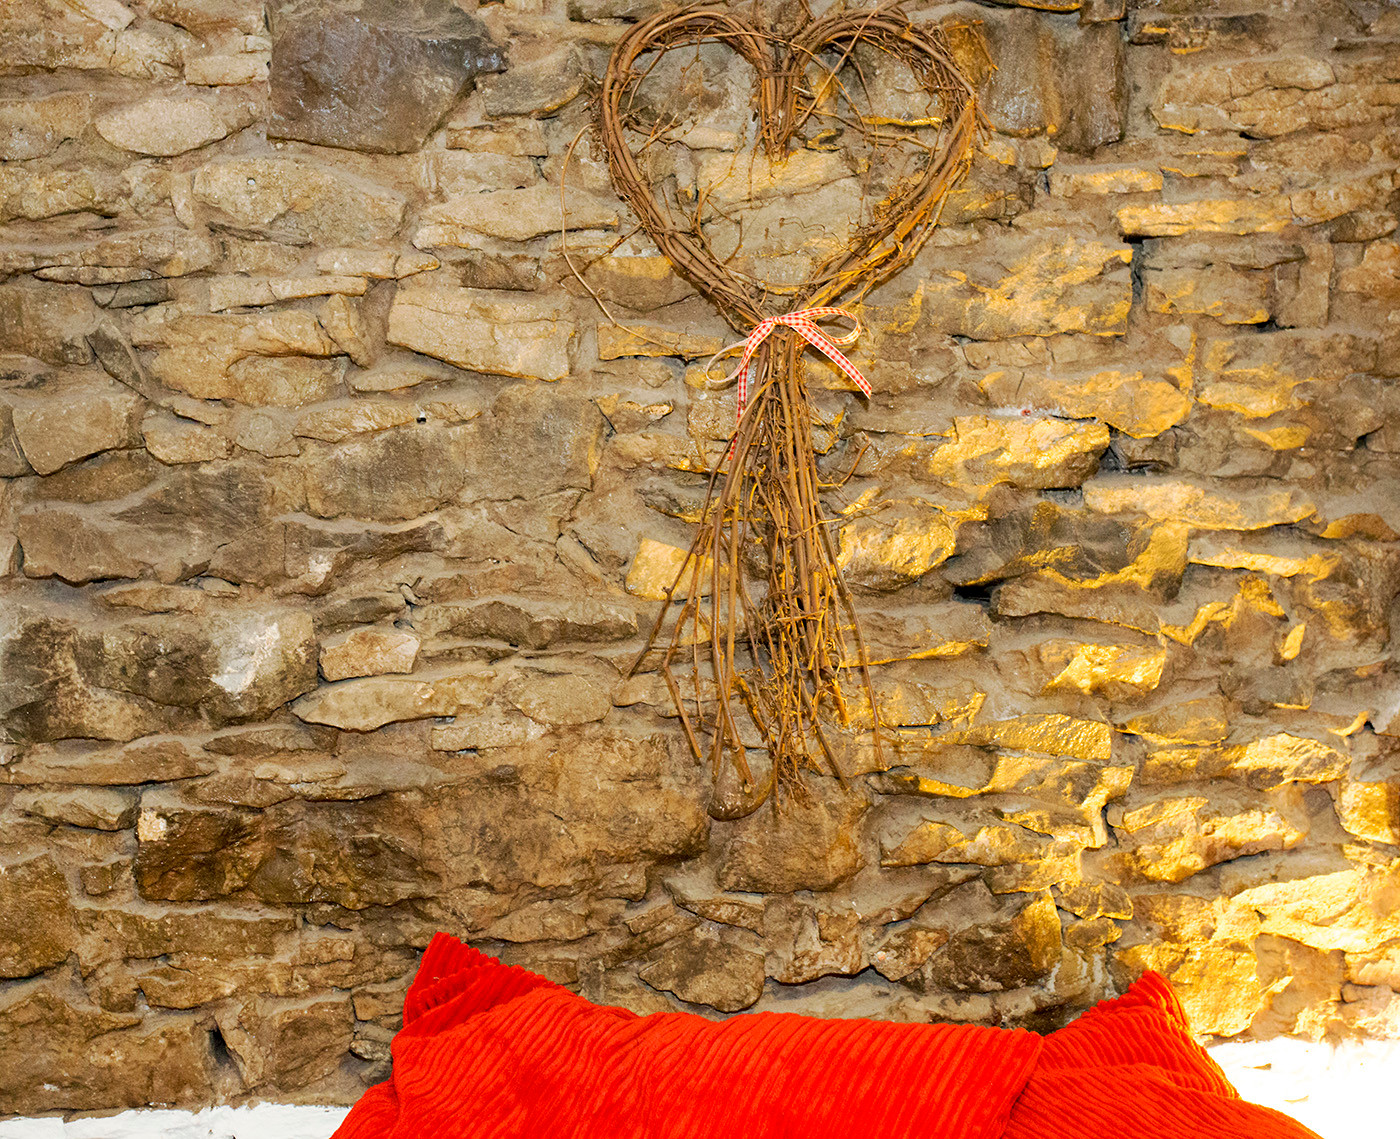 Wicker heart furnishings